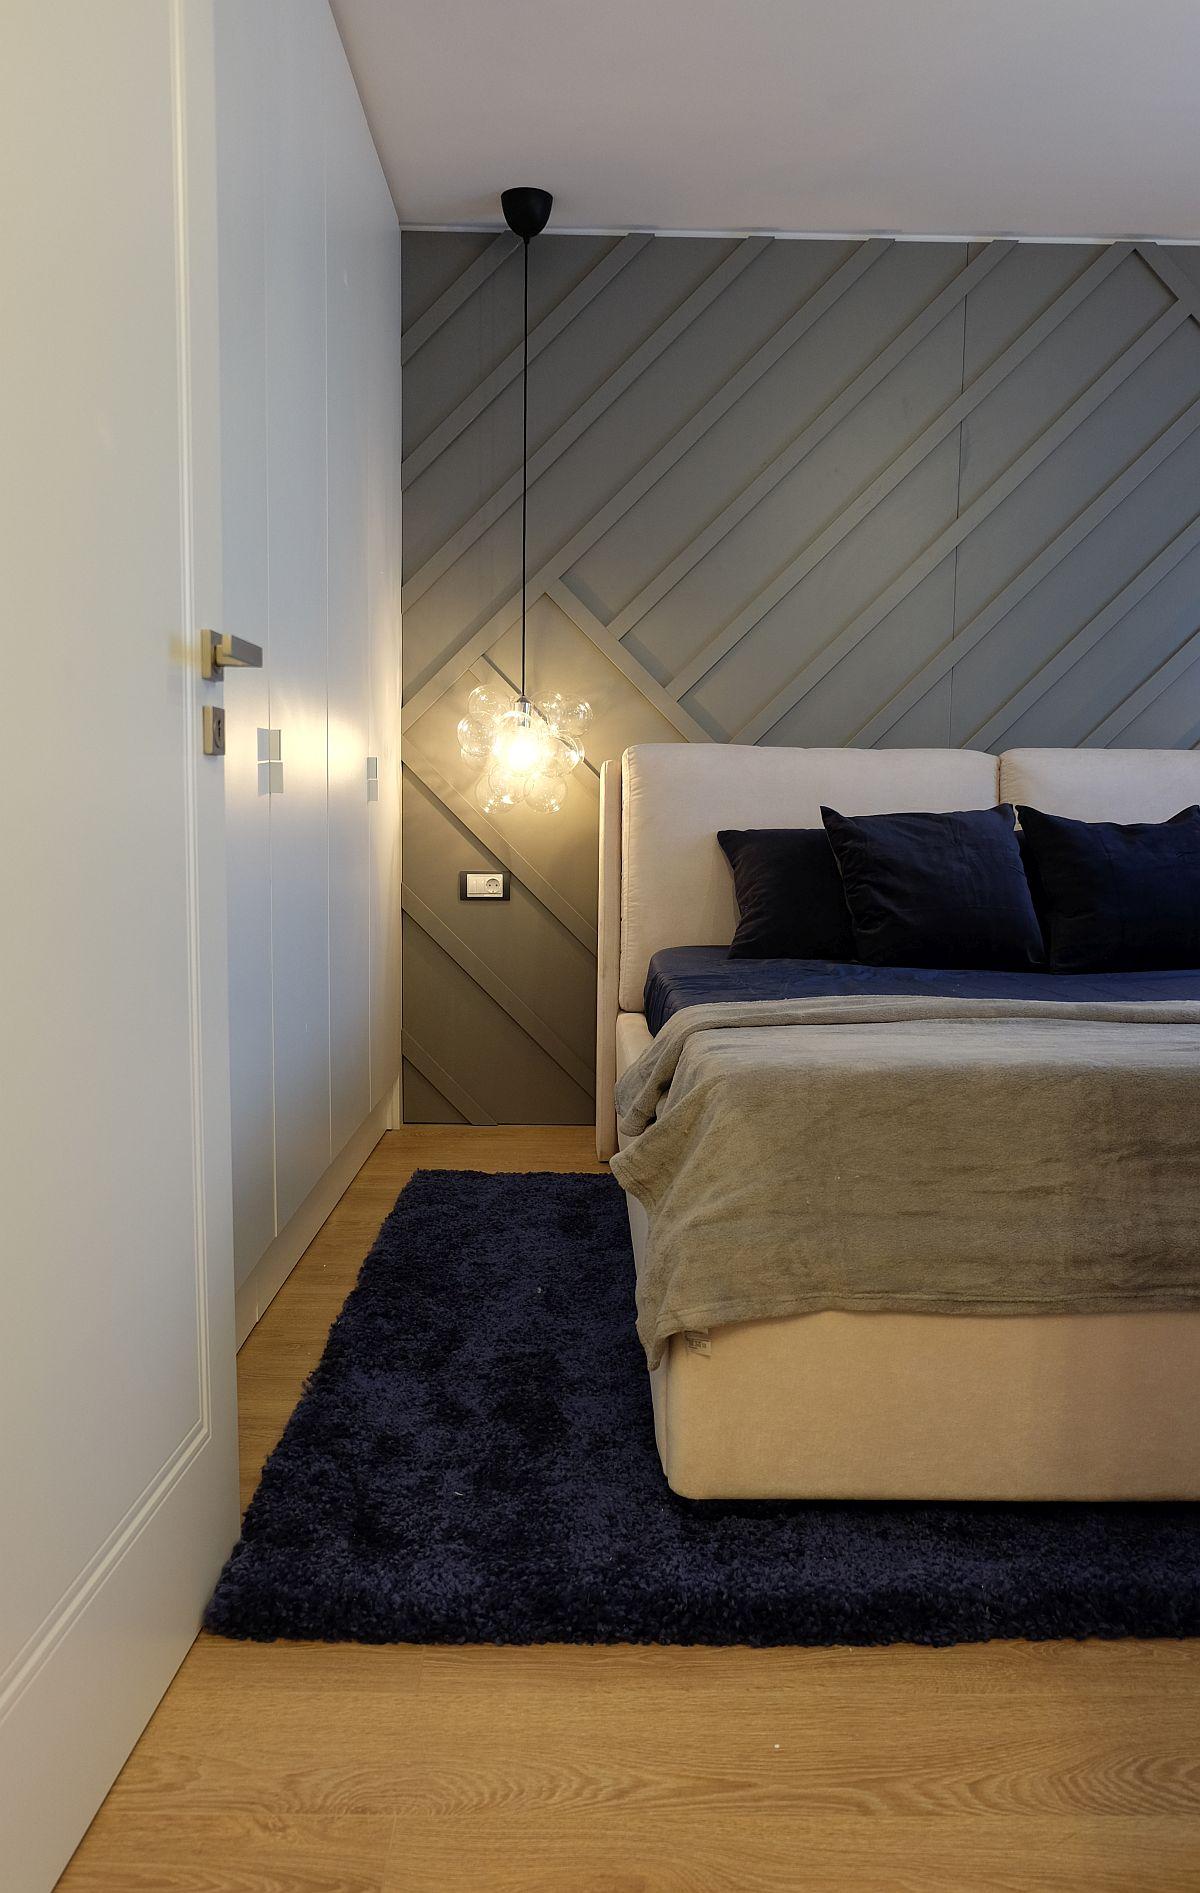 Dormitorul este amenajat de tip matrimonial cu un pat pe centrul și spații de depozitare din plin. În spatele patului, peretele a fost decorat cu baghete din polistiren și ulterior totul vopsit în aceeași nuanță de vopsea de la Dulux. Astfel, s-a creat impresia unei placări, dar evident cu costuri mai mici decât o placare efectivă din MDF. Covorul este de la Mobexpert, iar patul de la Somproduct.